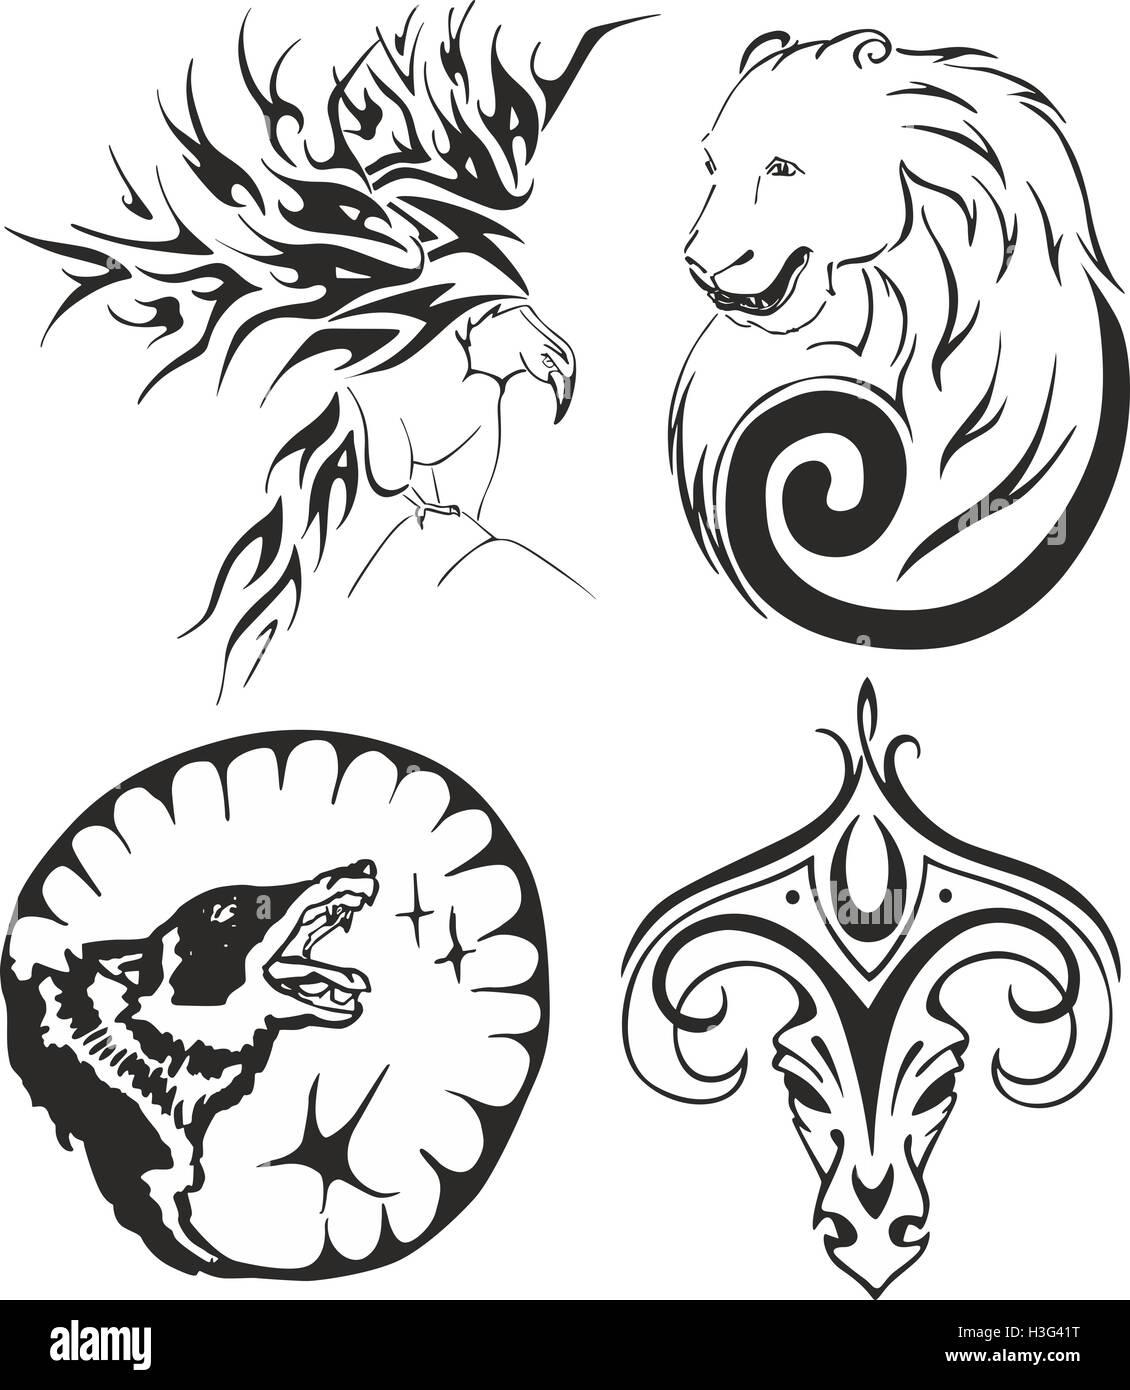 Tatuaje Tribal En Blanco Y Negro Con Un águila Un Oso Un Lobo Y Un